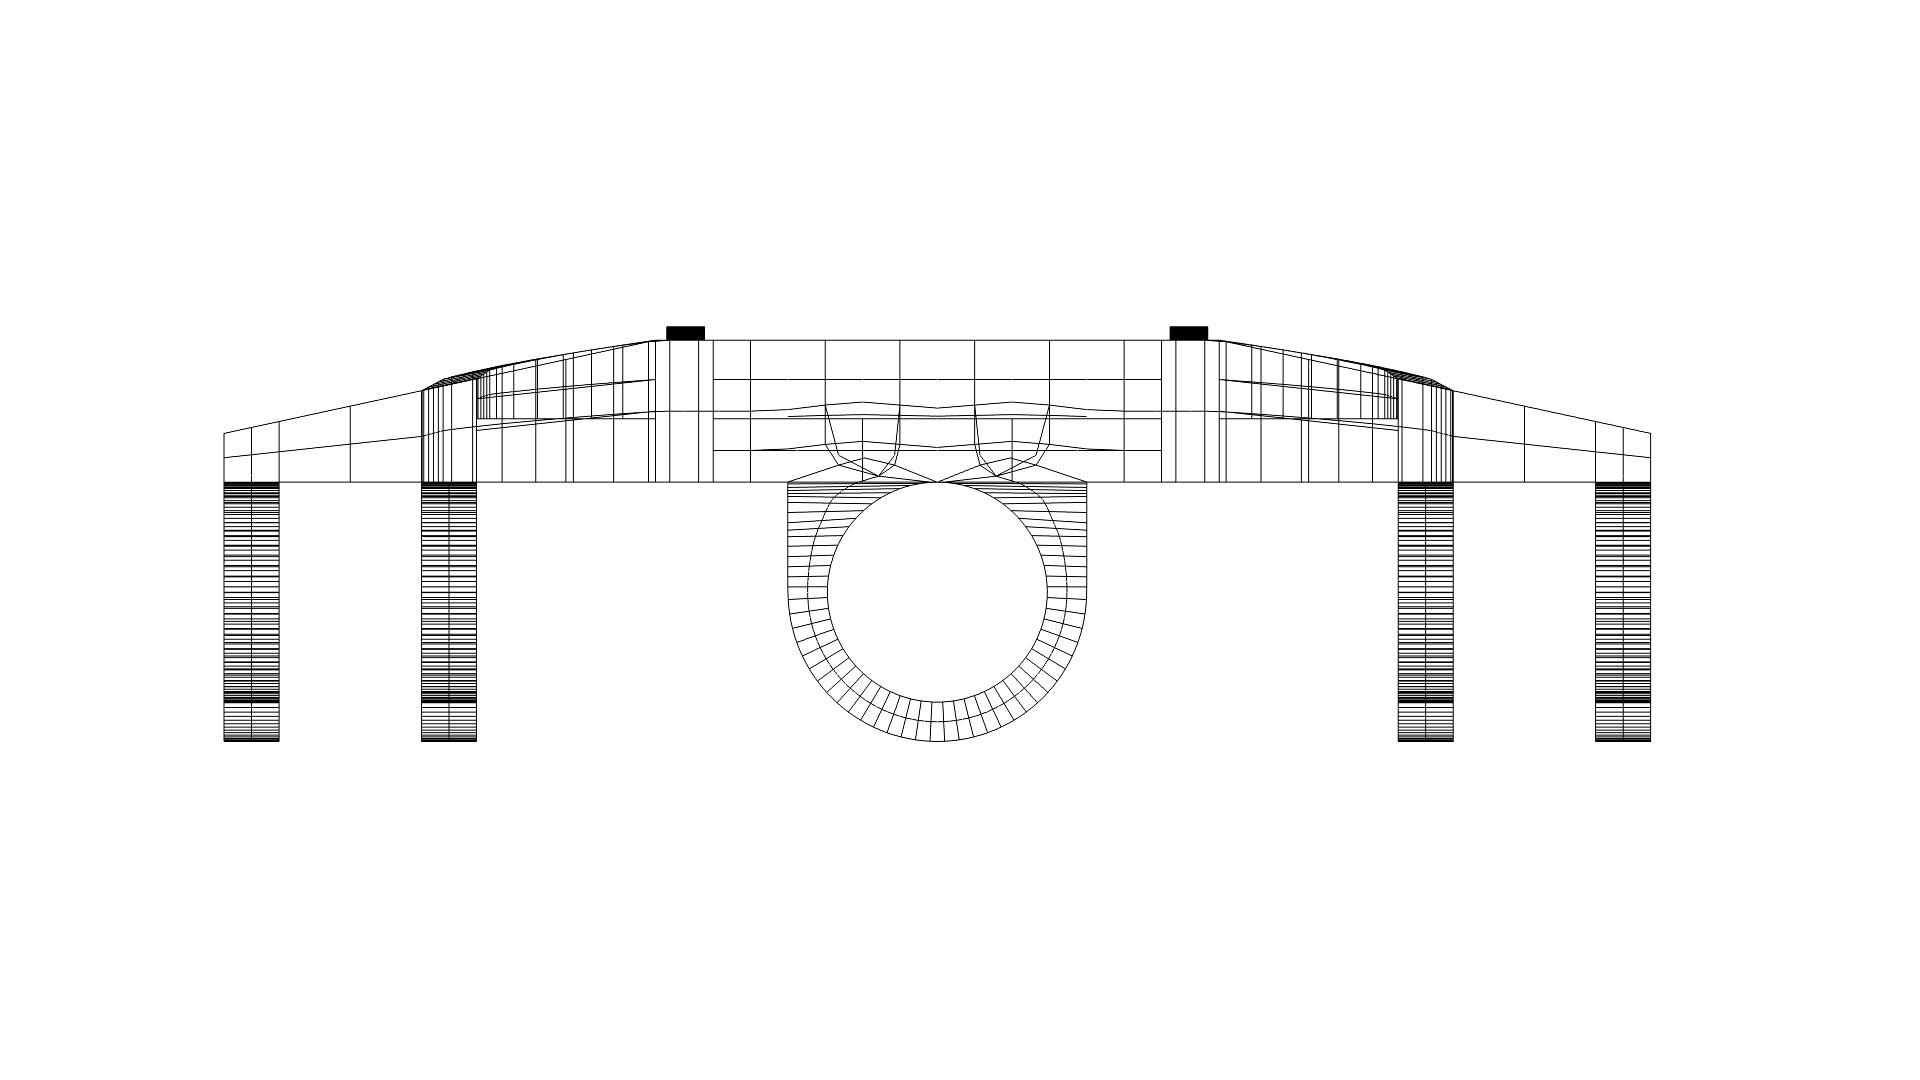 Wunderbar Icarus Rahmen Bilder - Benutzerdefinierte Bilderrahmen ...